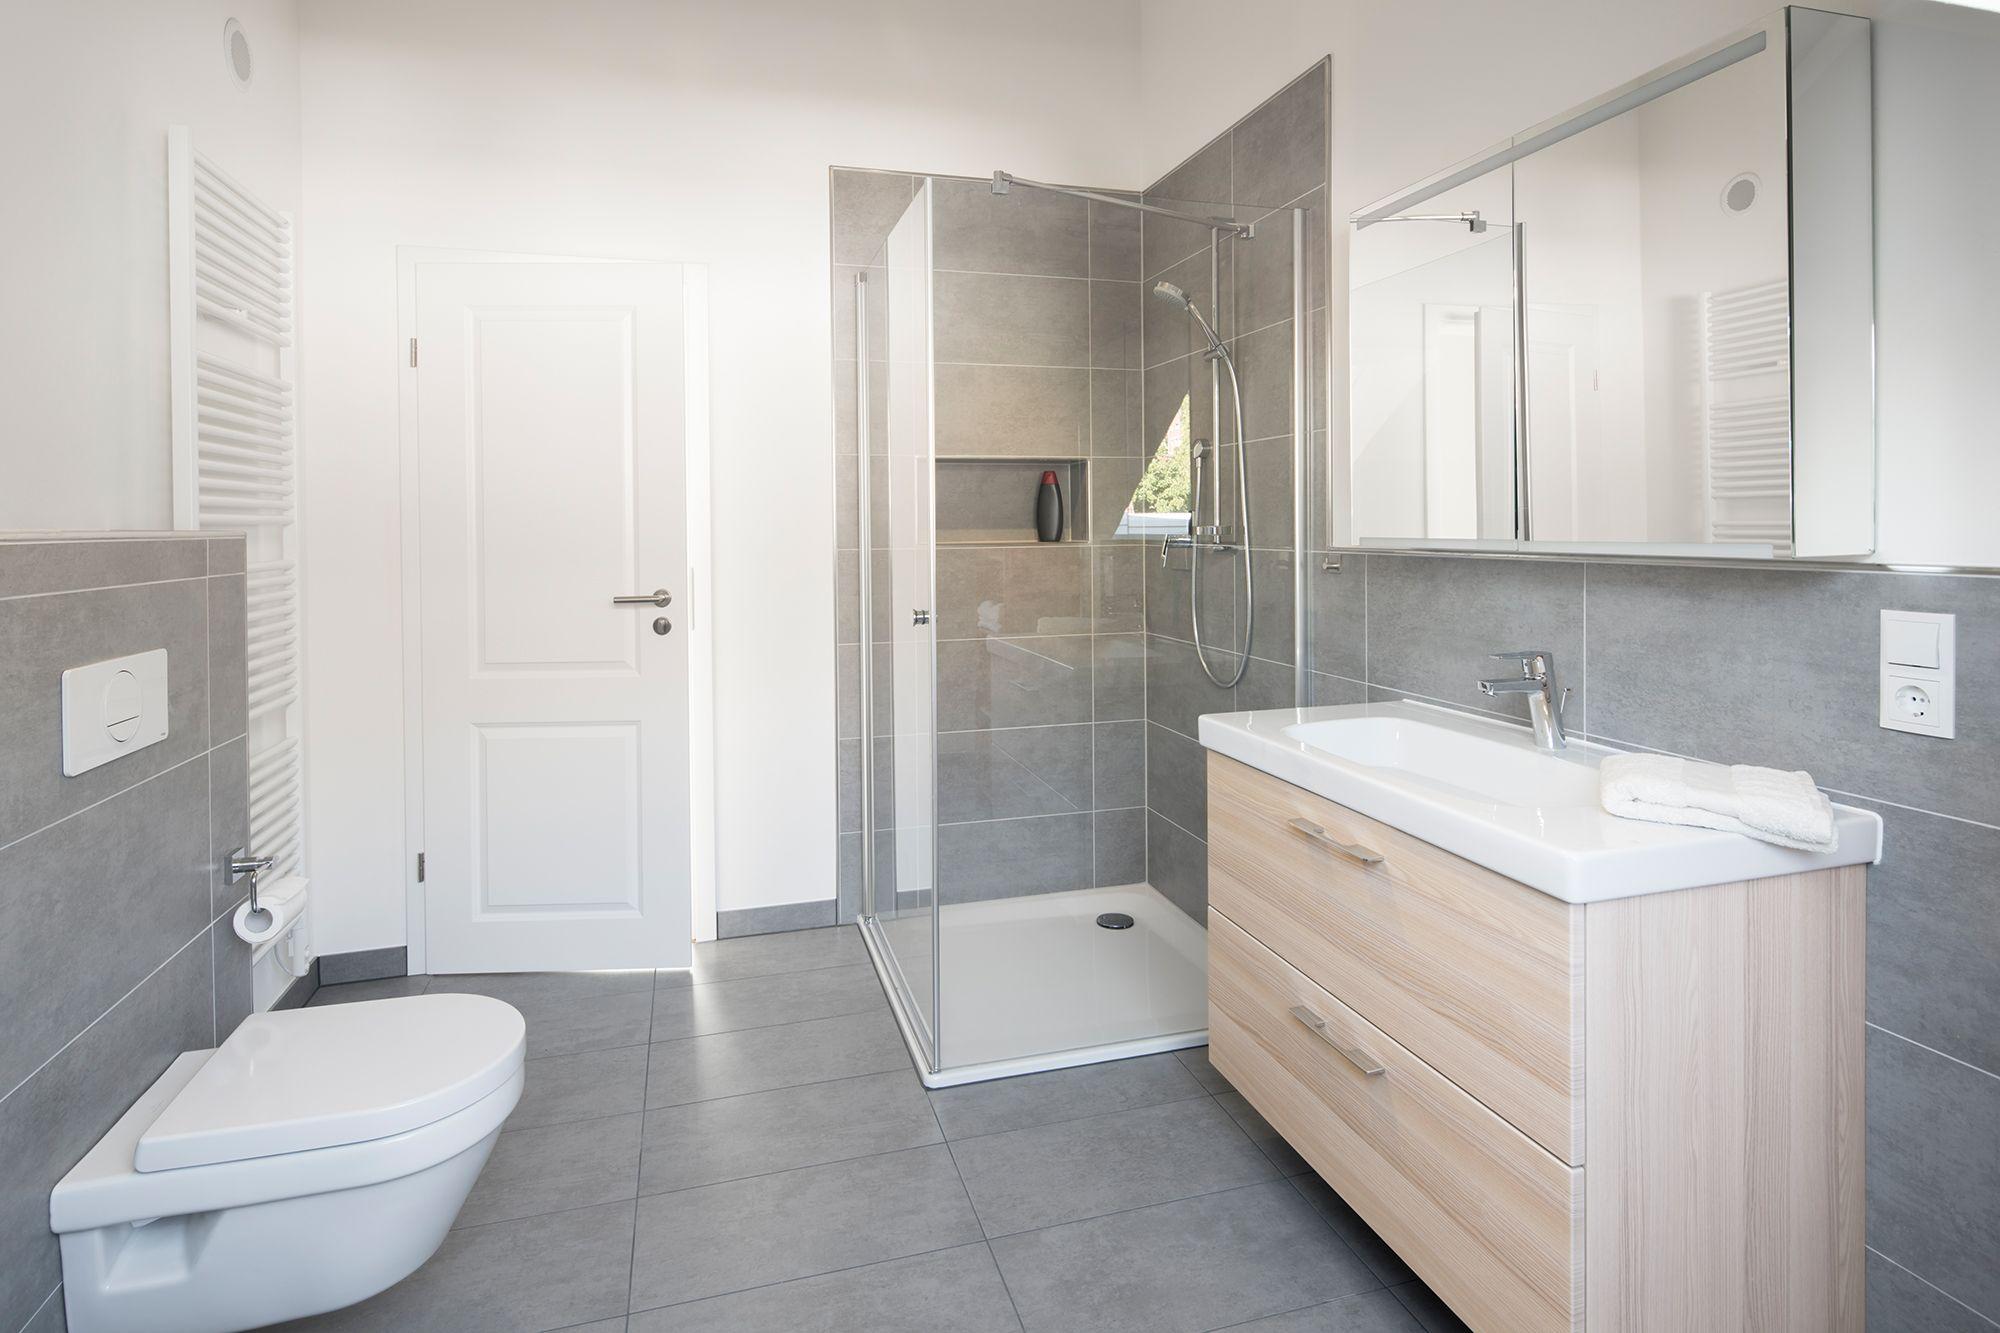 Fertighaus Wohnidee Badezimmer In 2020 Fertighaus Kaufen Fertighauser Haus Bauen Lassen